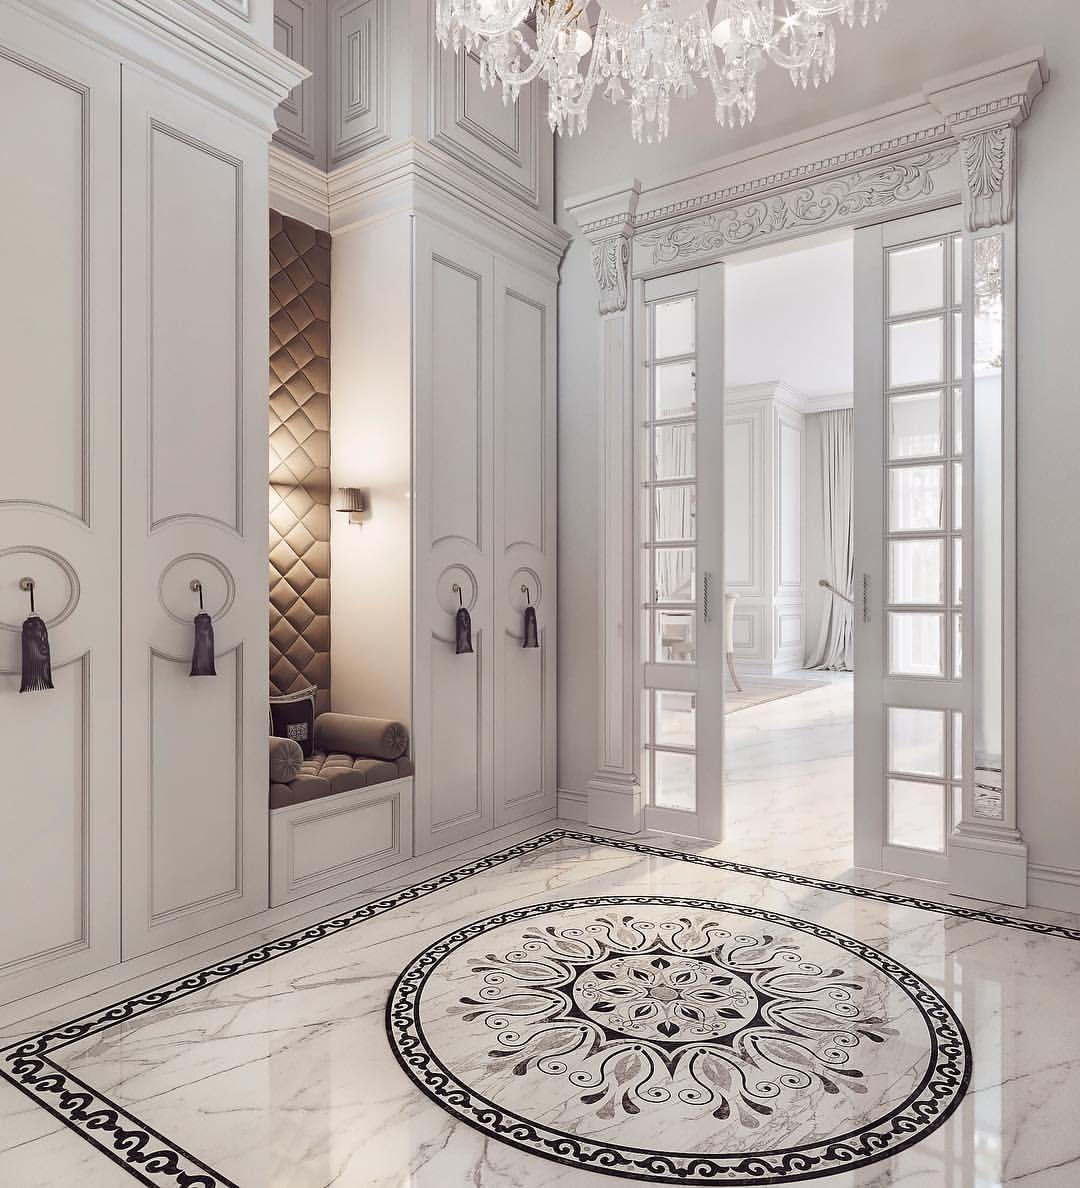 Interior Design Near Me Interior Design Degree Interior Design Company Interior Design Jobs Int In 2020 Foyer Design Marble Flooring Design Luxury Interior Design